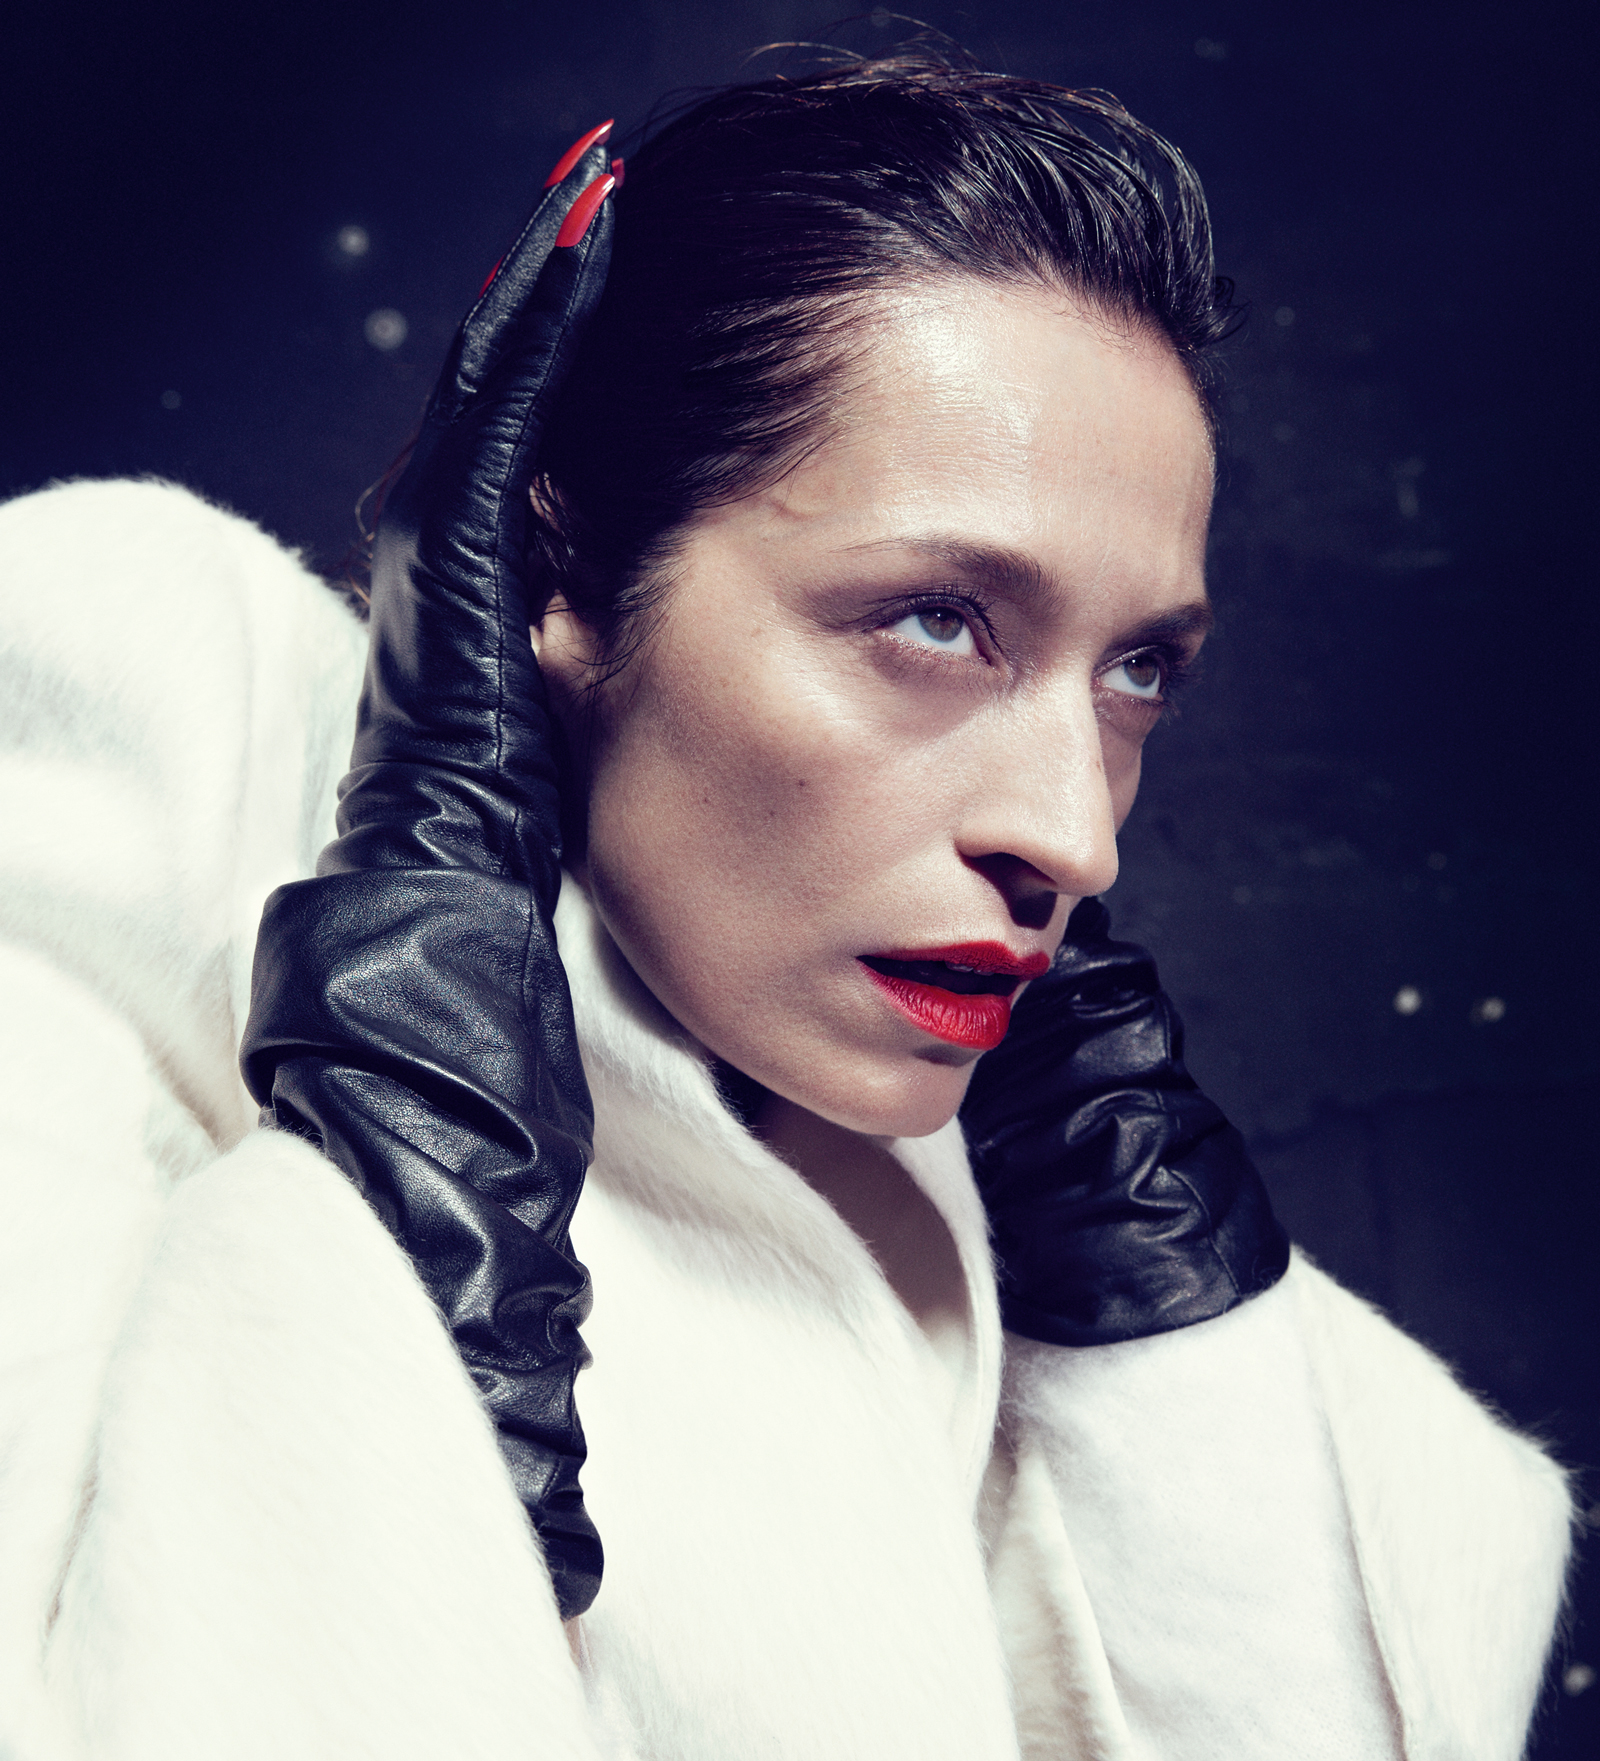 Cream silk and wool cape-style boxy jacket  VALENTINO , red-nail leather gloves  YOHJI YAMAMOTO .